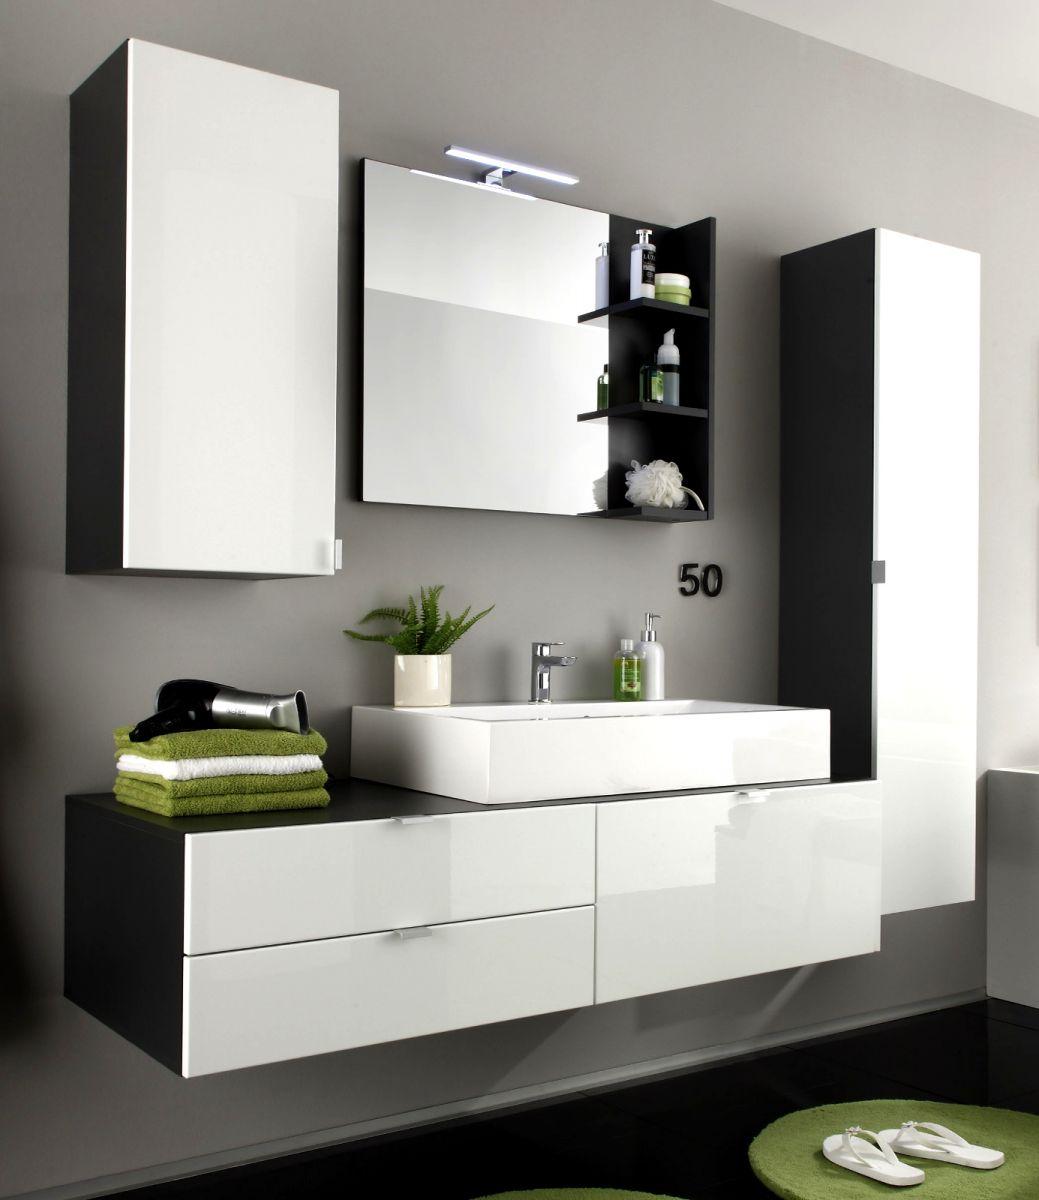 Badezimmer Badmöbel Set Beach weiss Hochglanz grau optional mit Waschbecken und Spiegellampe